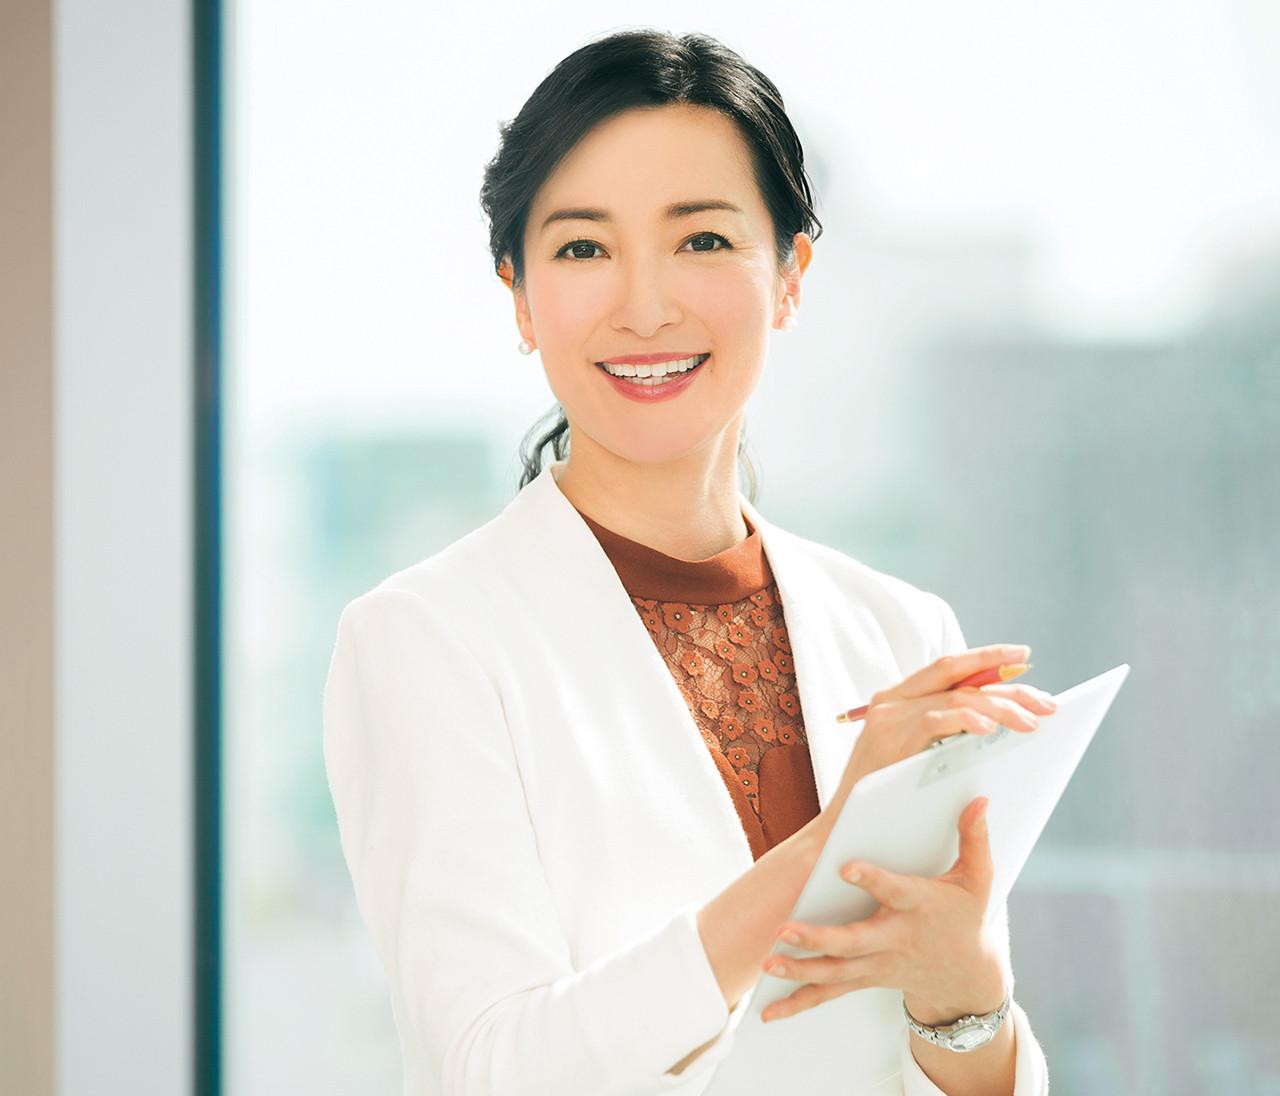 「不妊治療」について大江麻理子さんと考える【働く30代のニュースゼミナール vol.11】